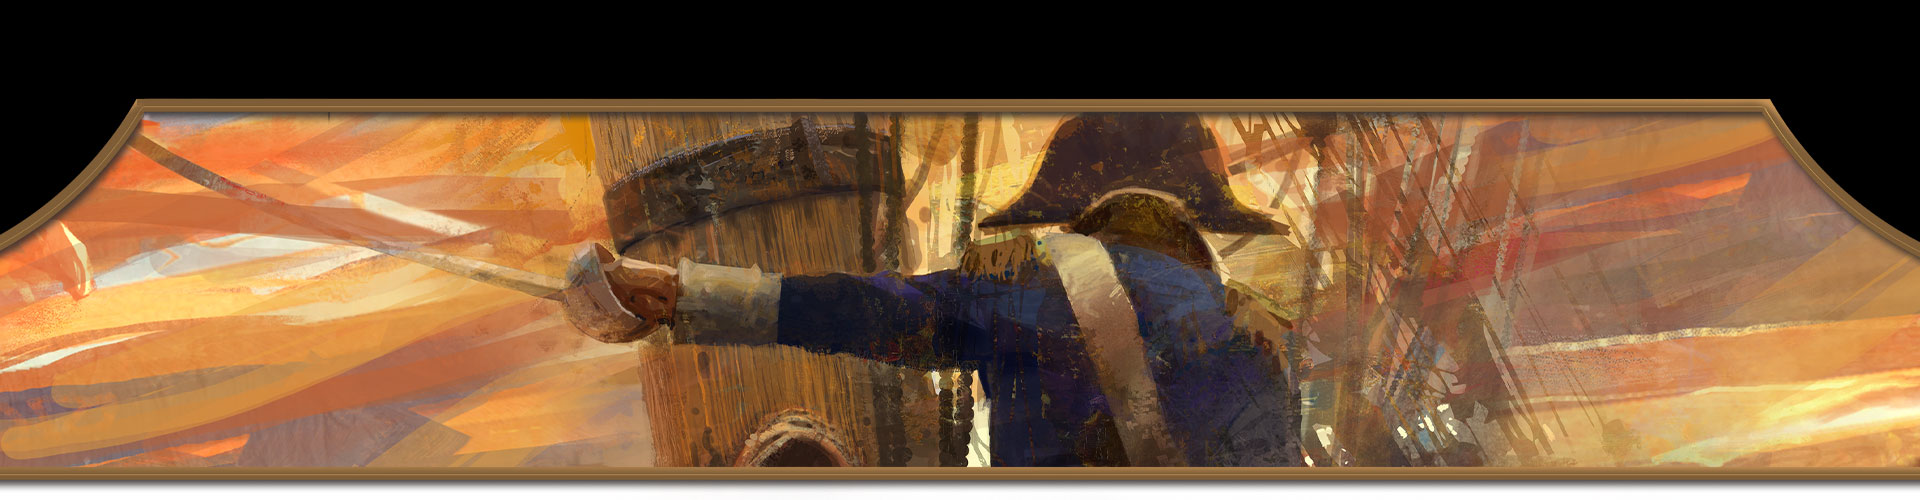 Un pirata con una spada nella mano sinistra